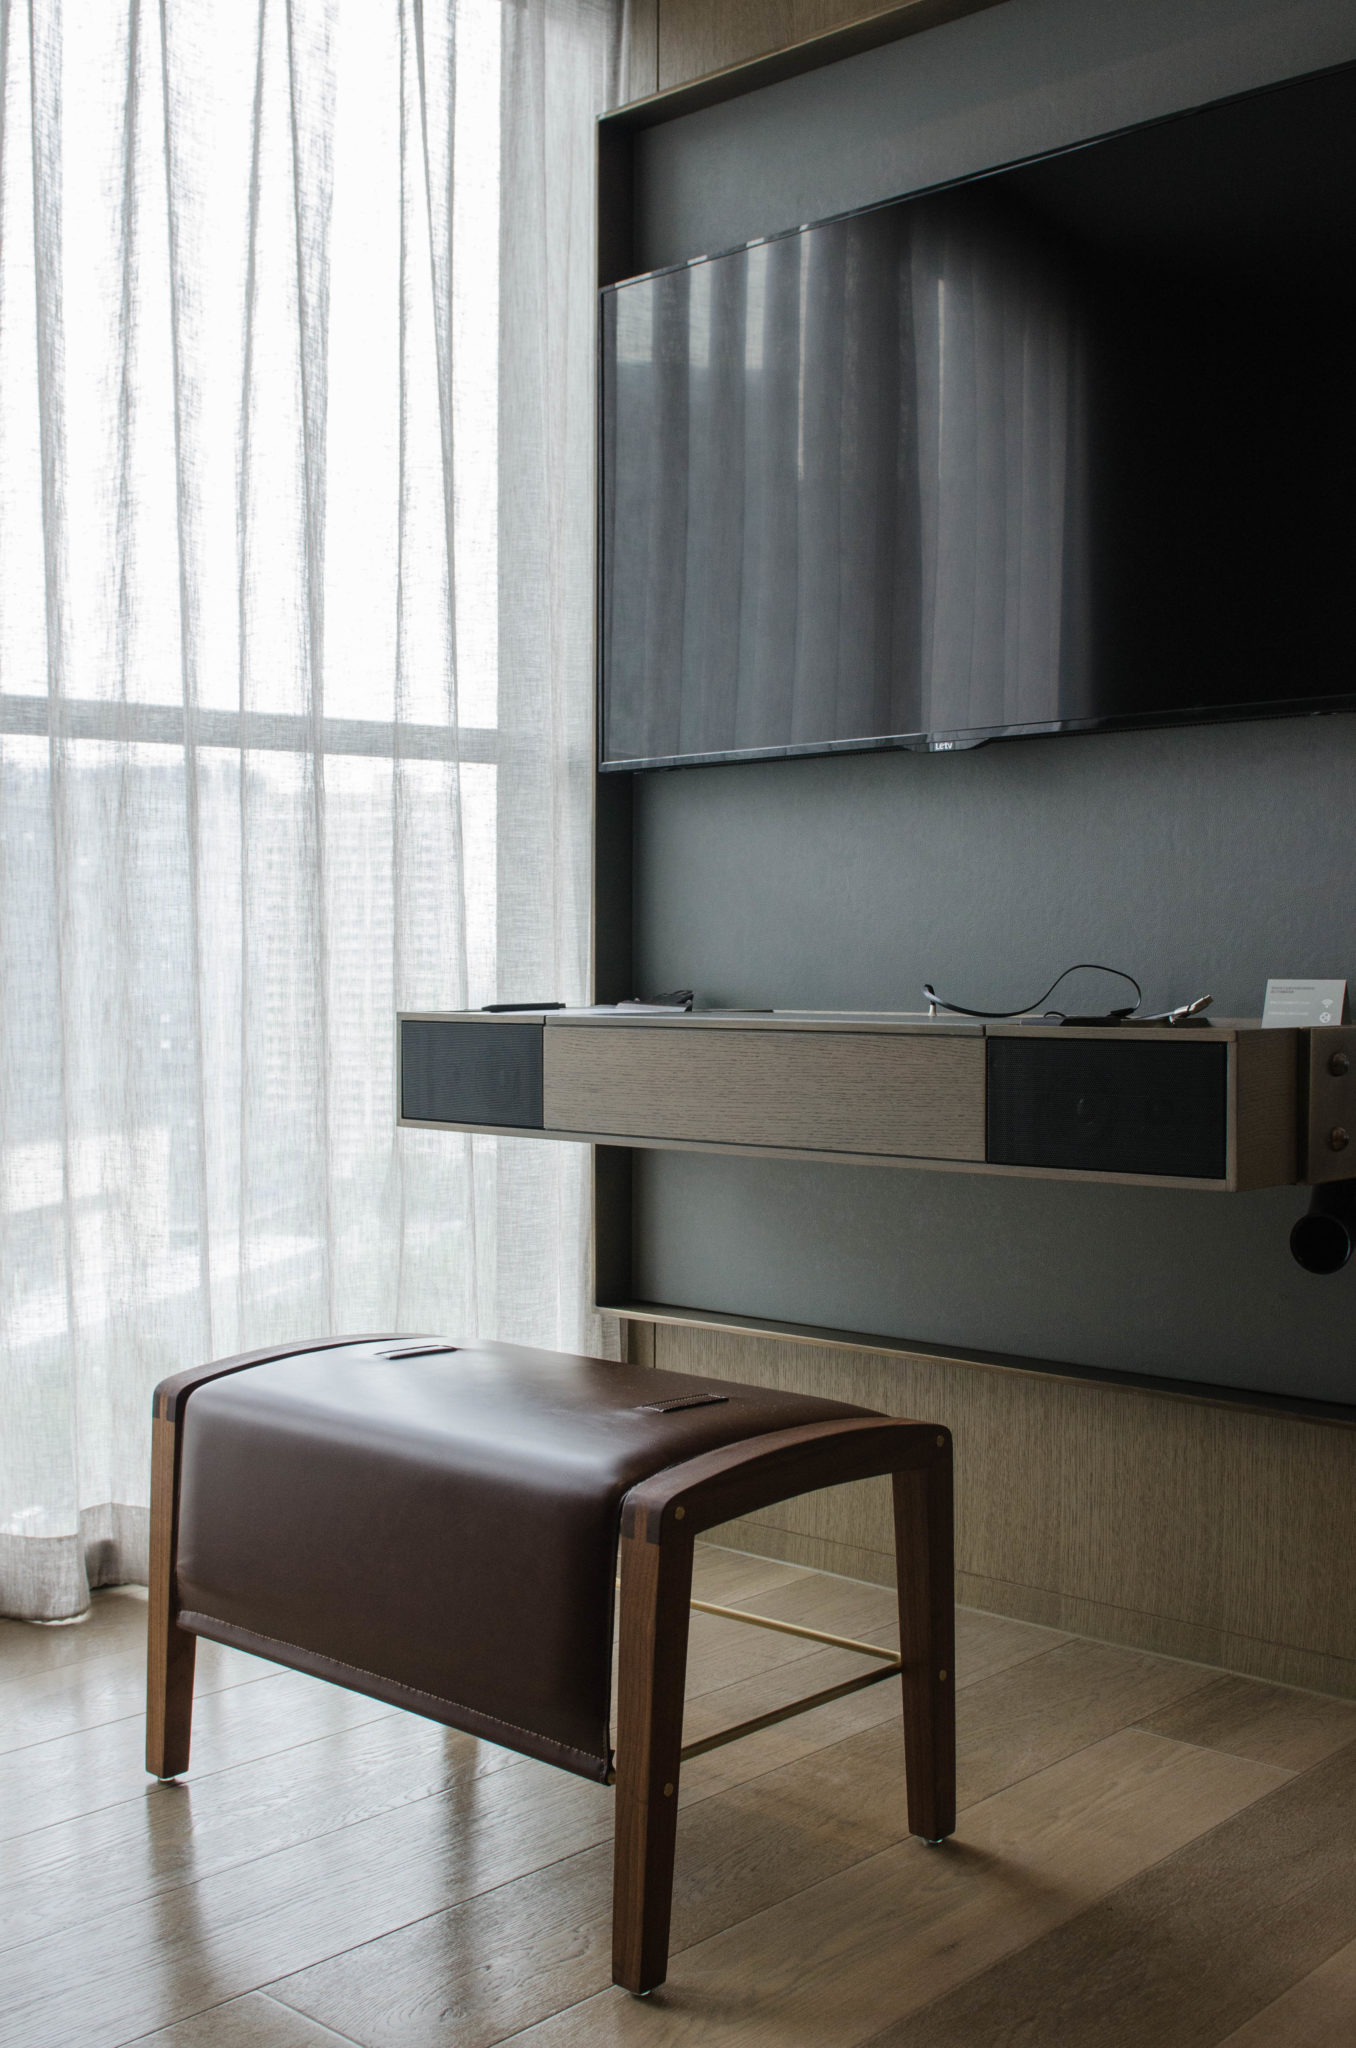 Die schicke Einrichtung im Hotelzimmer